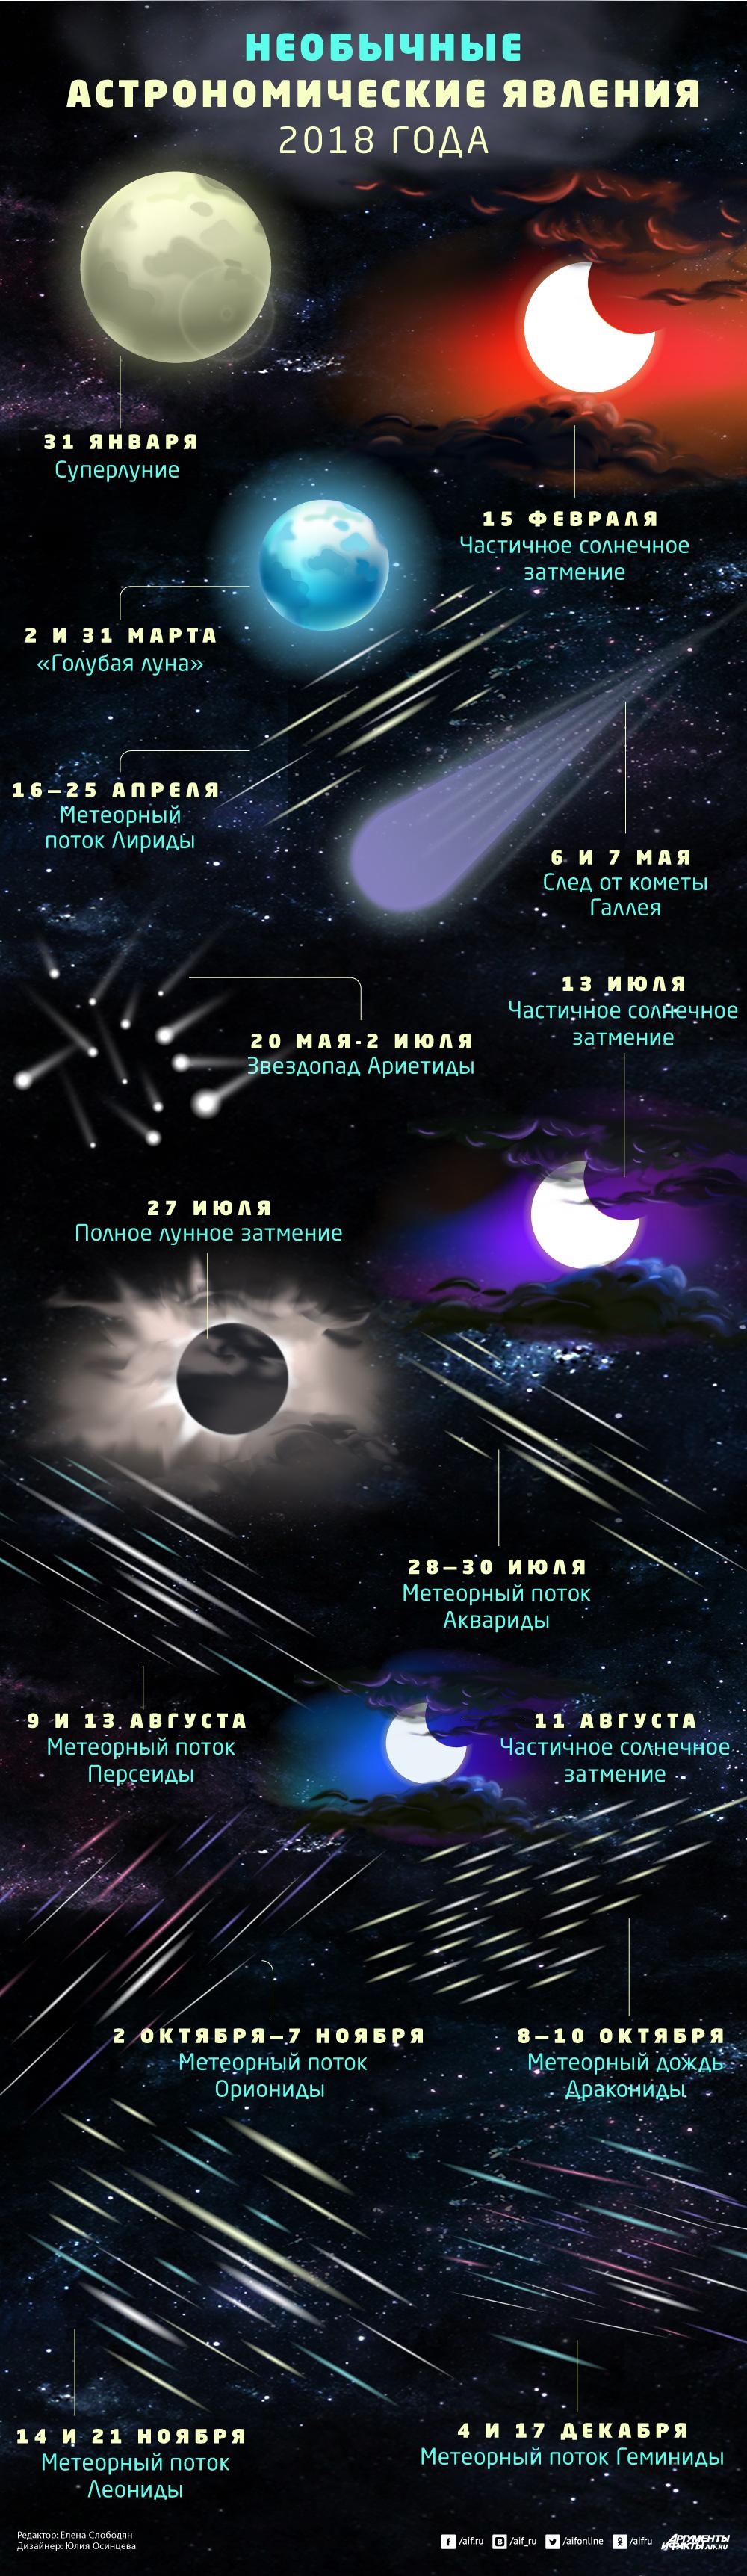 астрономические явления в 2018 году